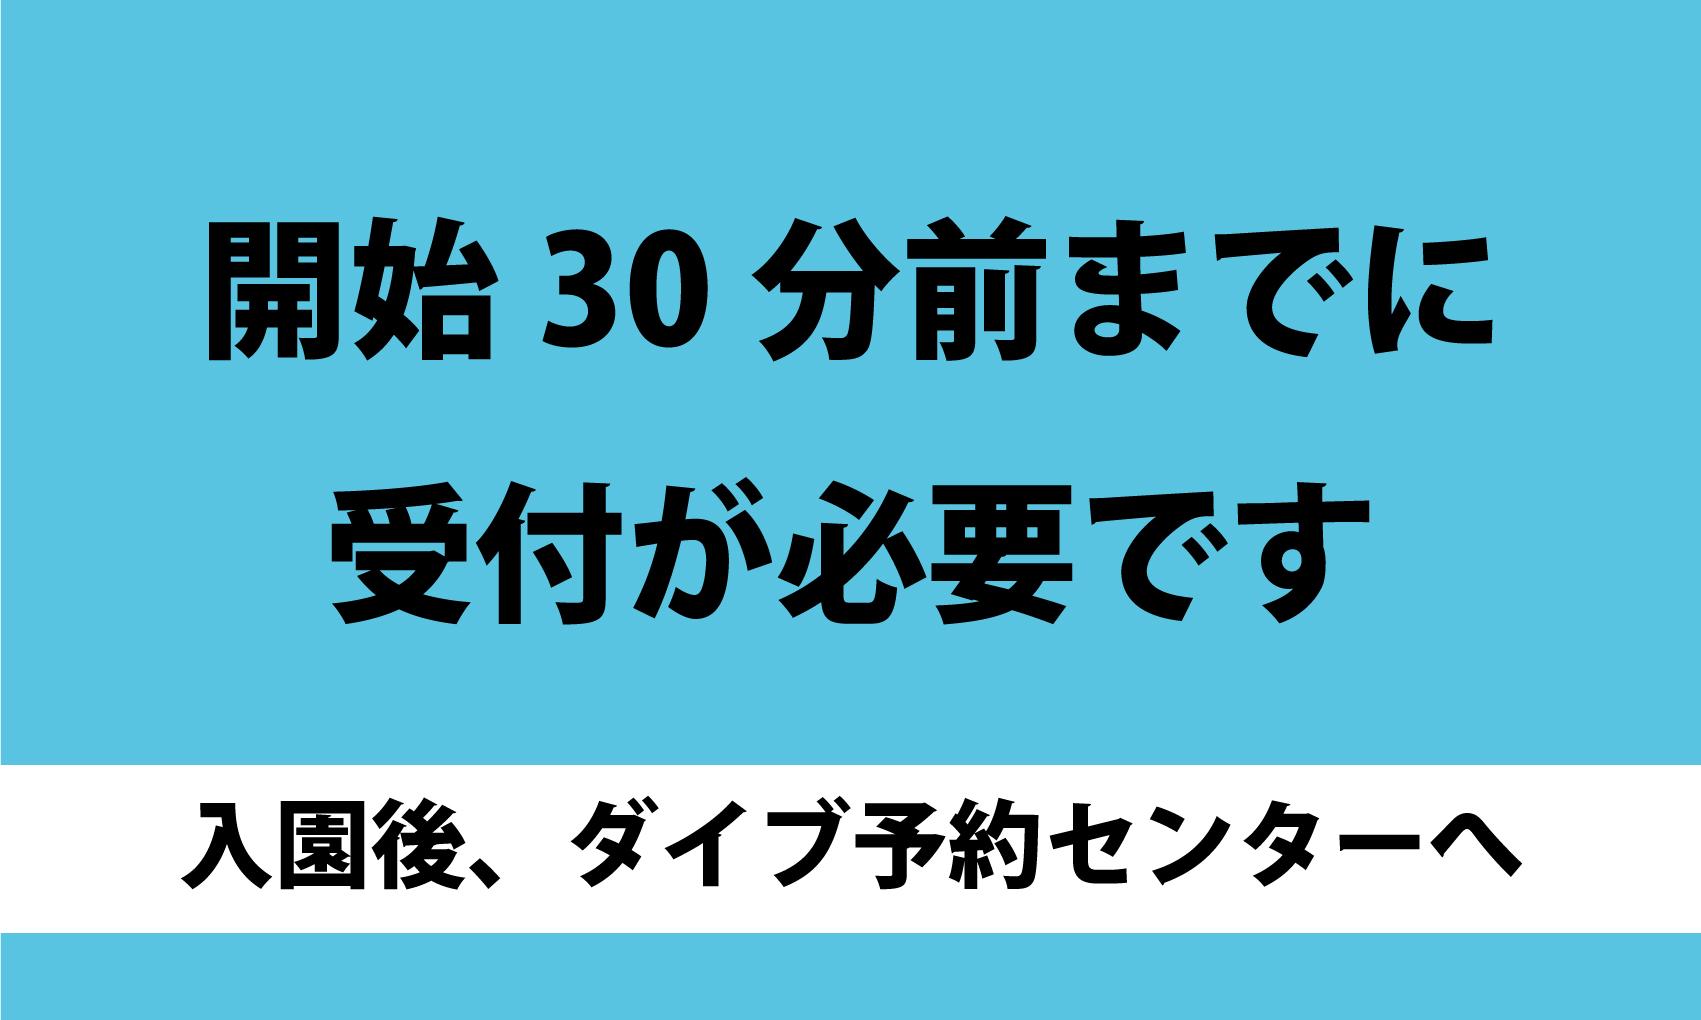 城崎マリンワールド 体験 Web 予約 (初めてのドルフィントレーナーツアー)